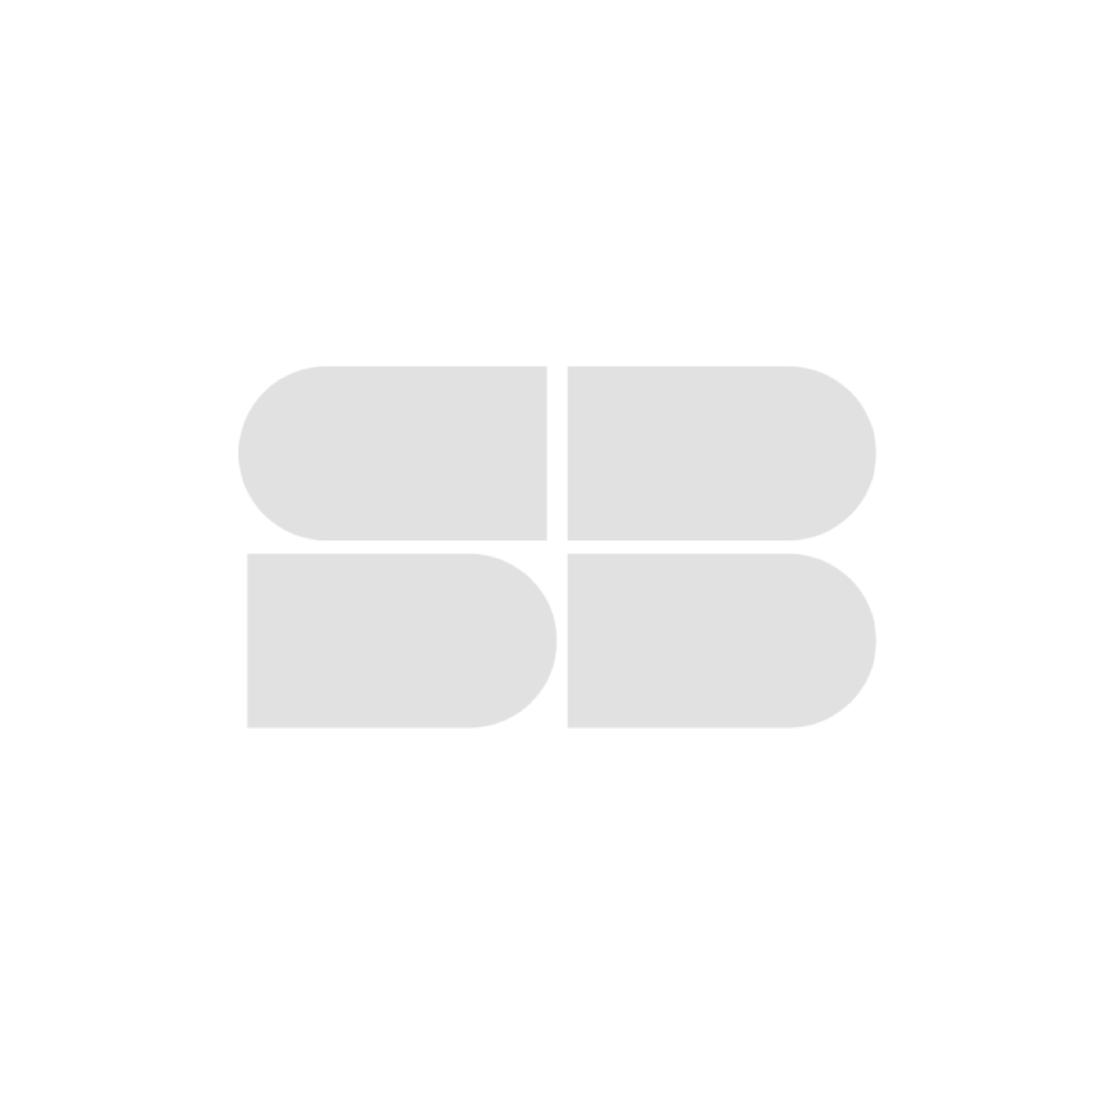 RESTONIC ที่นอน รุ่น REFLEX 3690 6 ฟุต พร้อมของแถม 5 รายการ-01